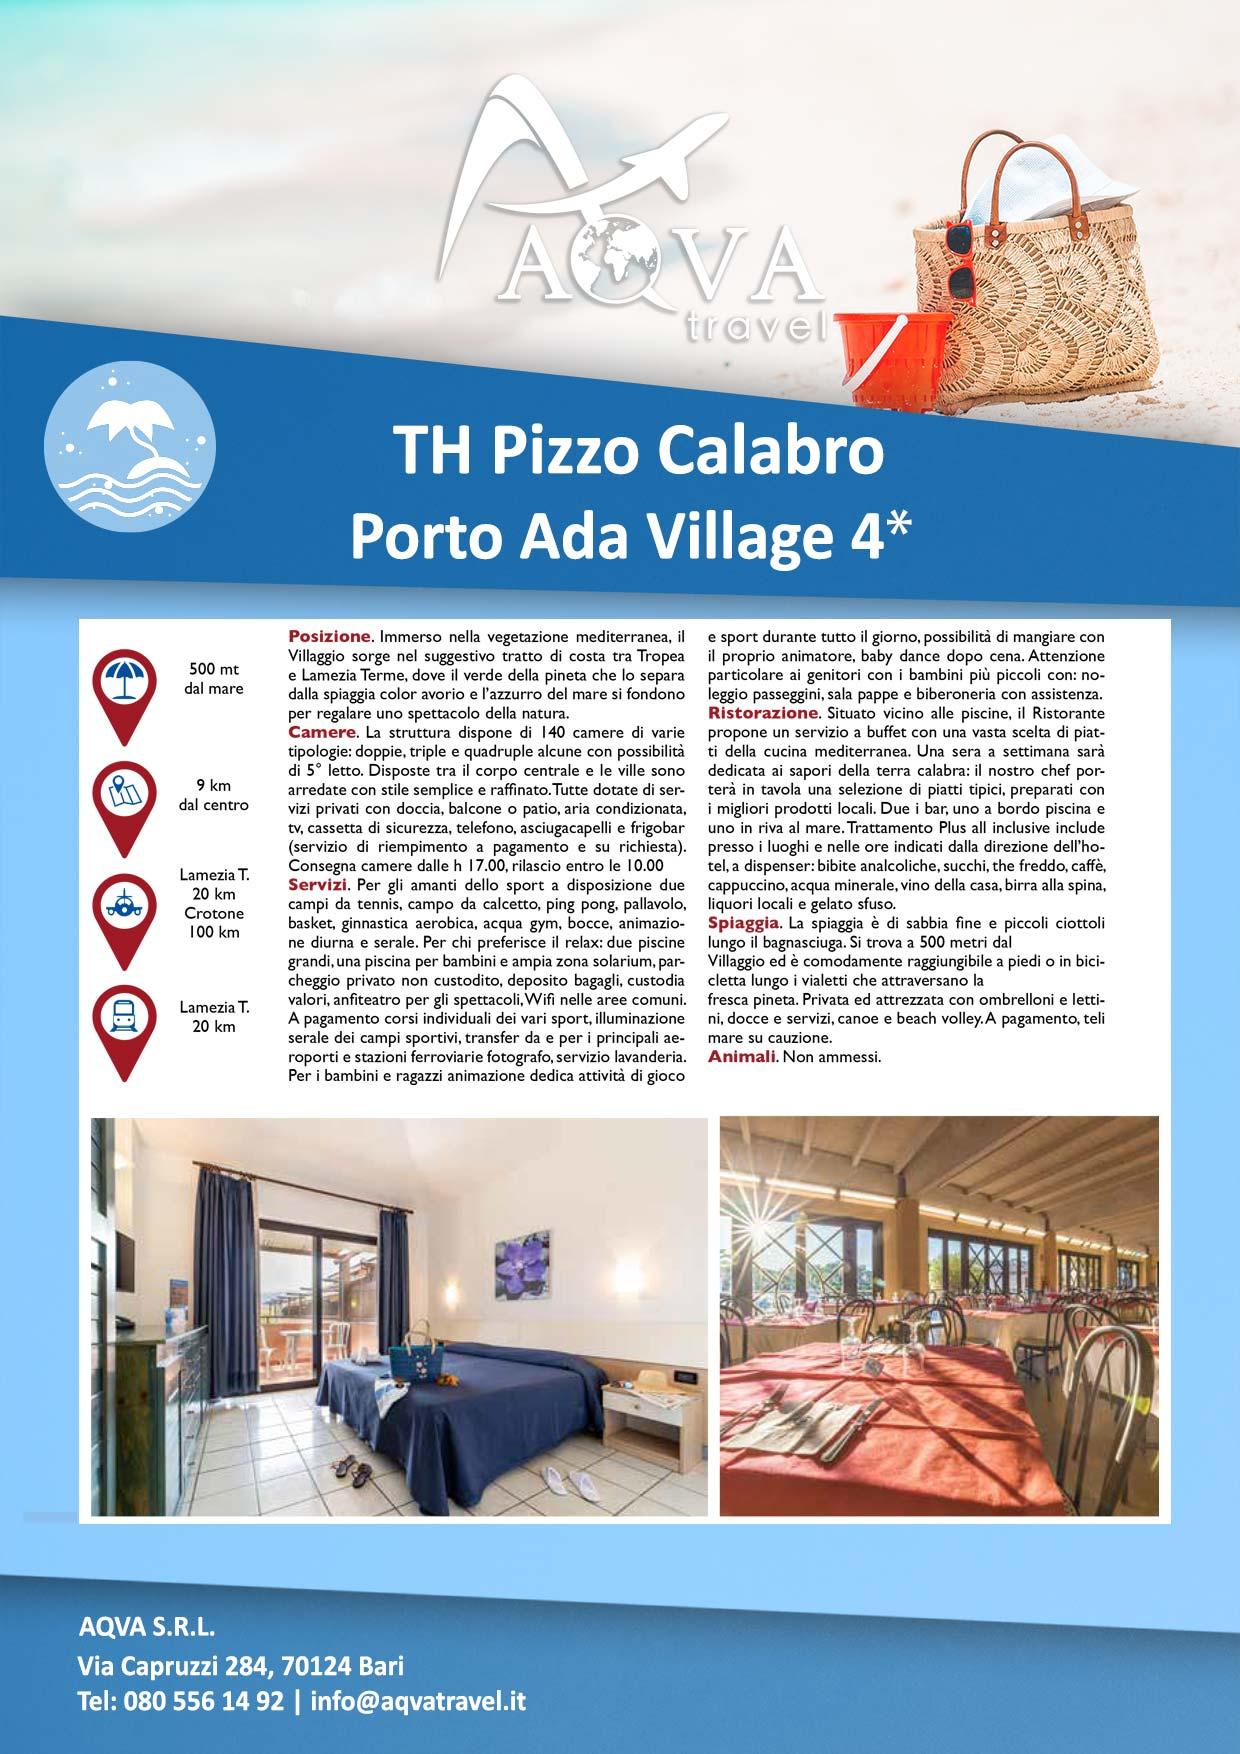 TH-Pizzo-Calabro-Porto-Ada-Village-4-Pizzo-Calabro-(VV)-Mare-offerte-agenzia-di-viaggi-Bari-AQVATRAVEL-it